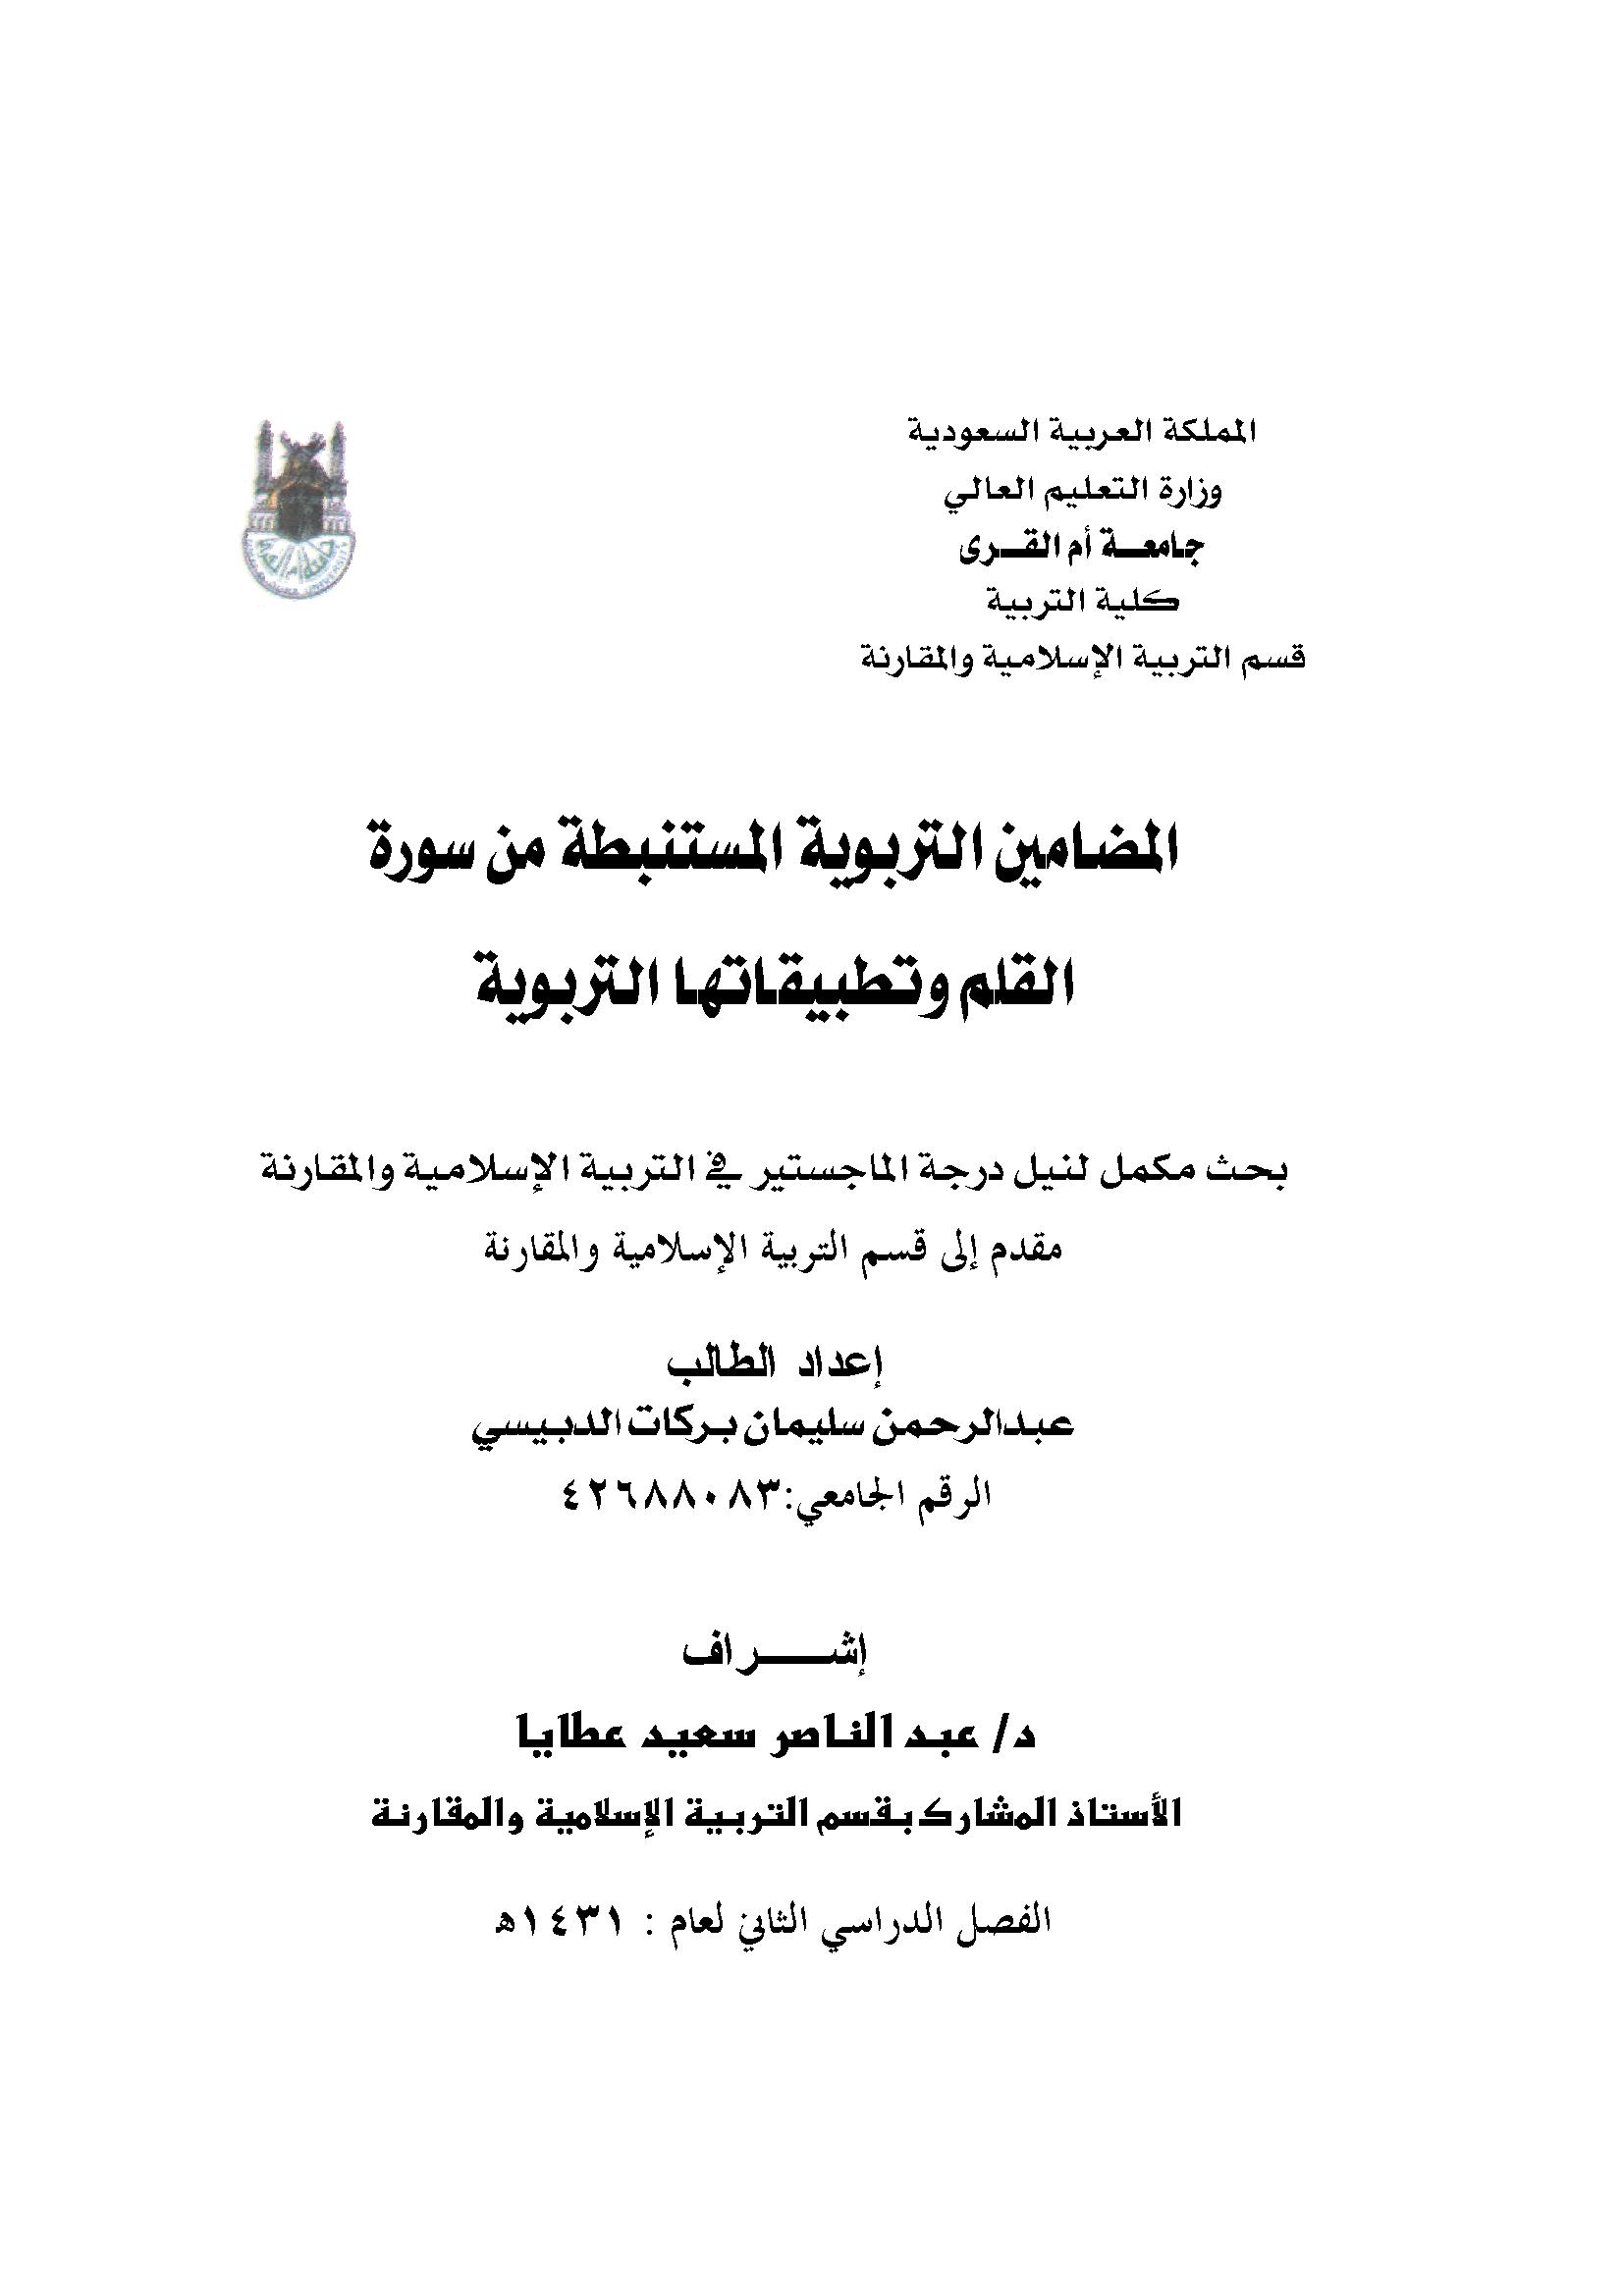 تحميل كتاب المضامين التربوية المستنبطة من سورة القلم وتطبيقاتها التربوية لـِ: عبد الرحمن سليمان بركات الدبيسي